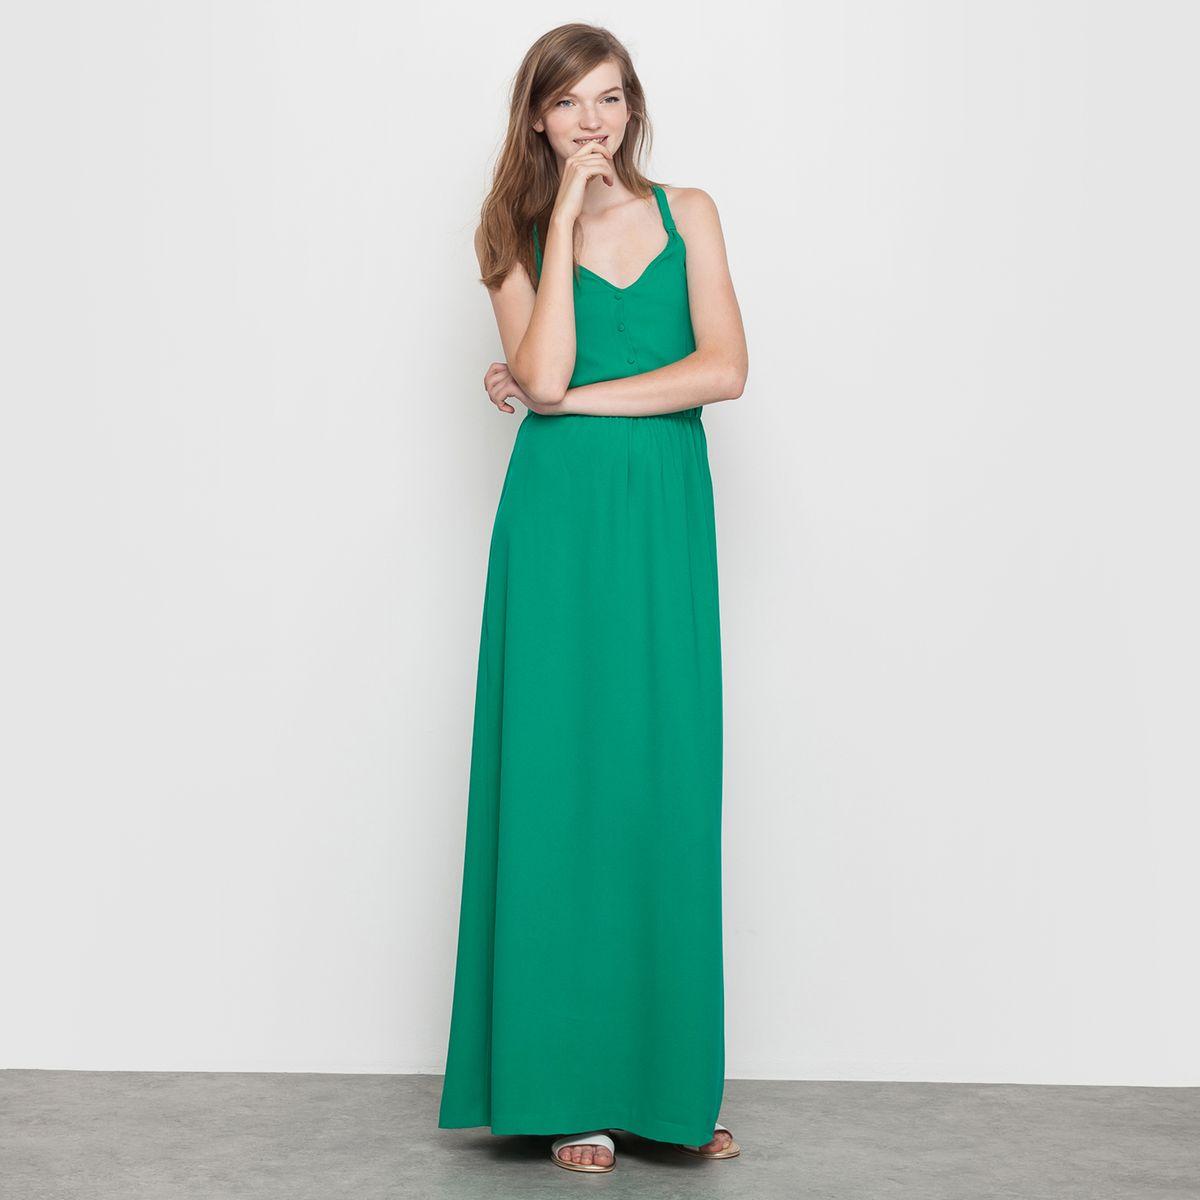 ced3aa37662 Trouver le modèle de robe longue parfait